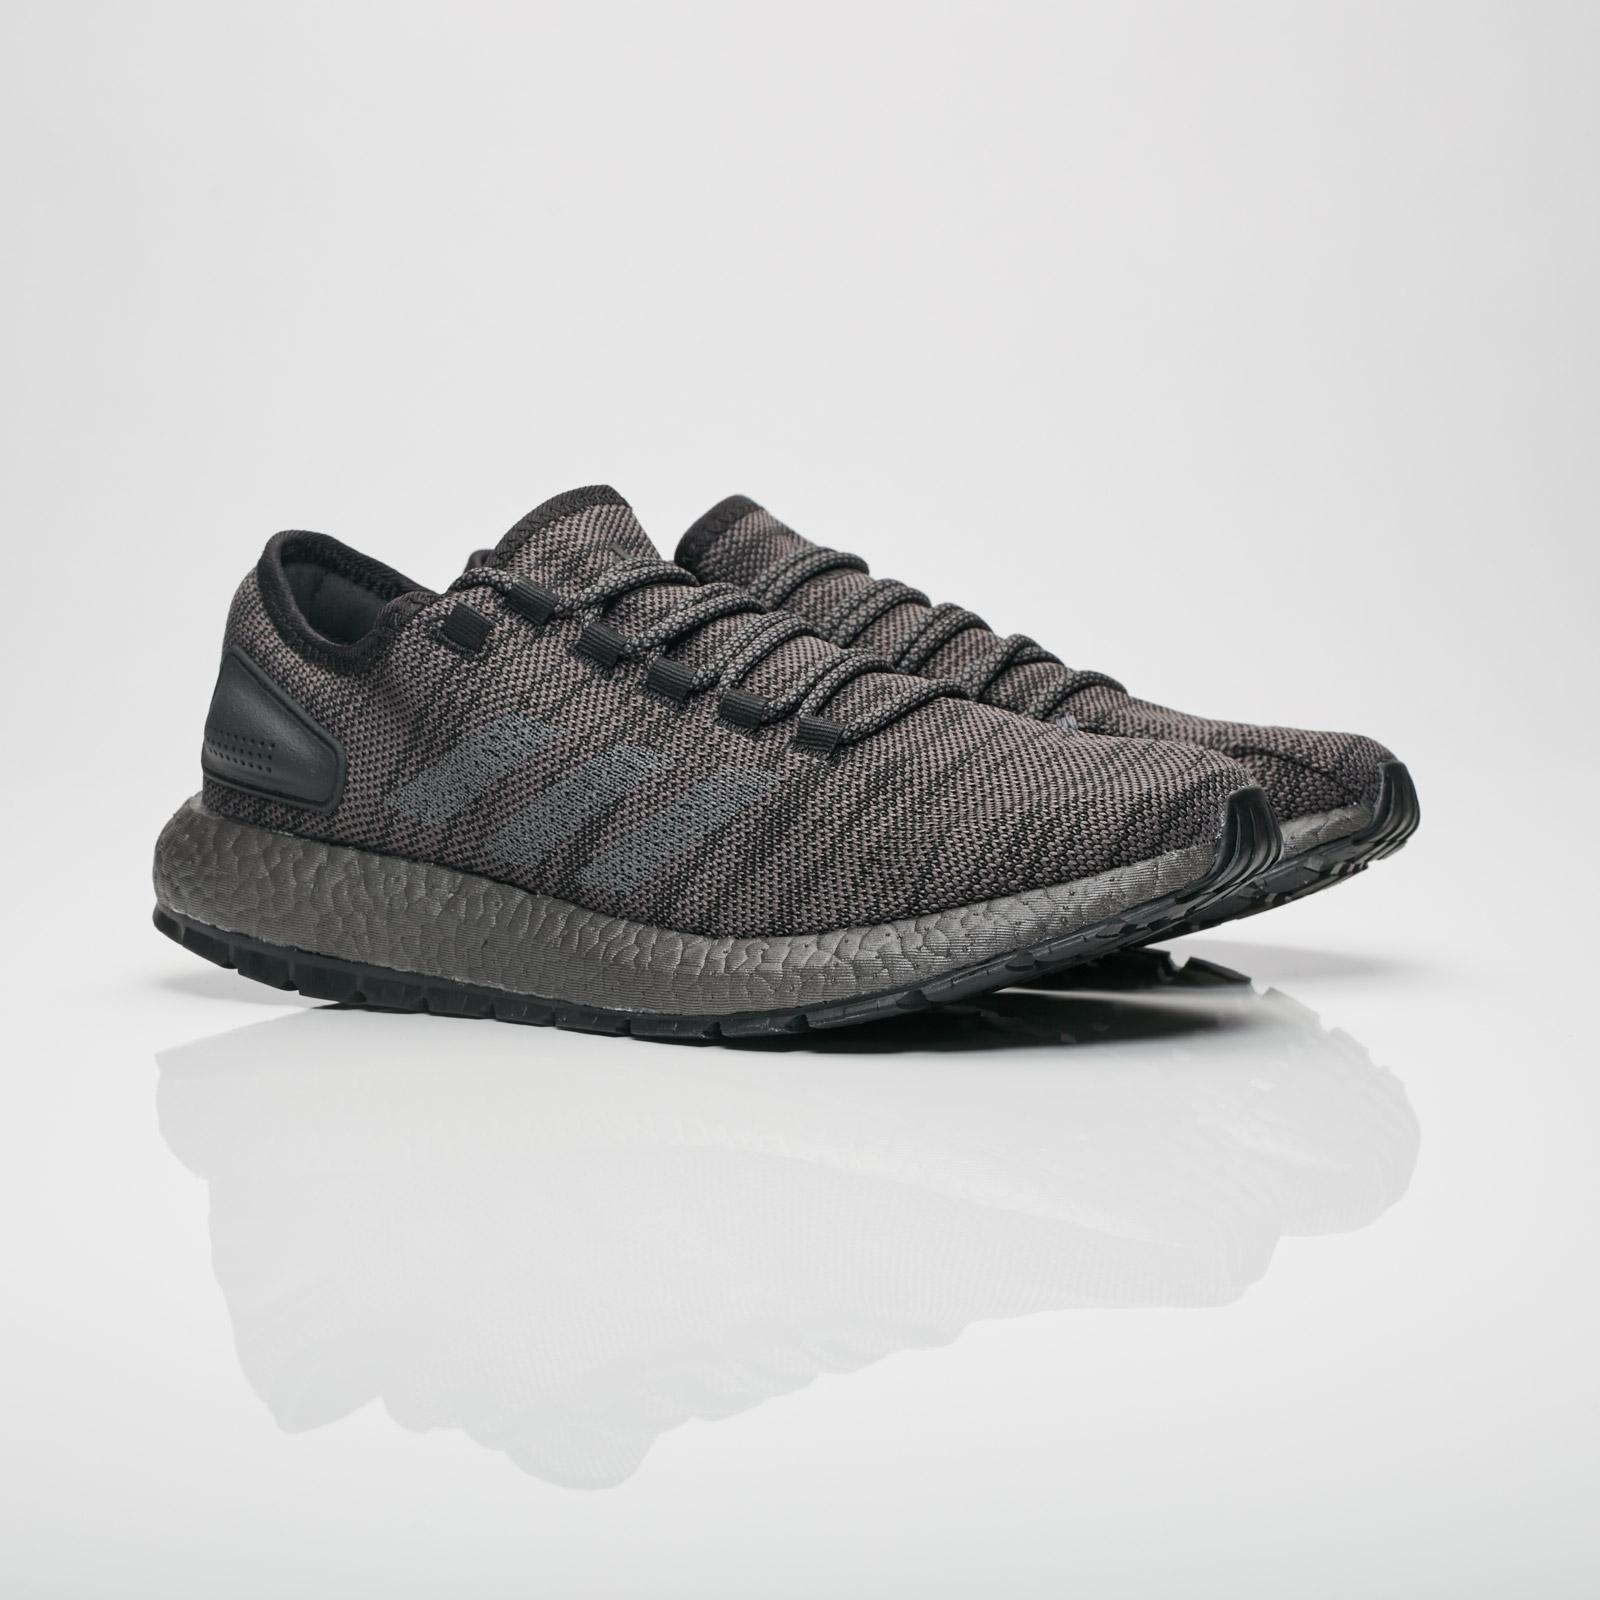 Adidas Puro Slancio Tutto Terreno Cg2990 Scarpe da Ginnasticanstuff Scarpe